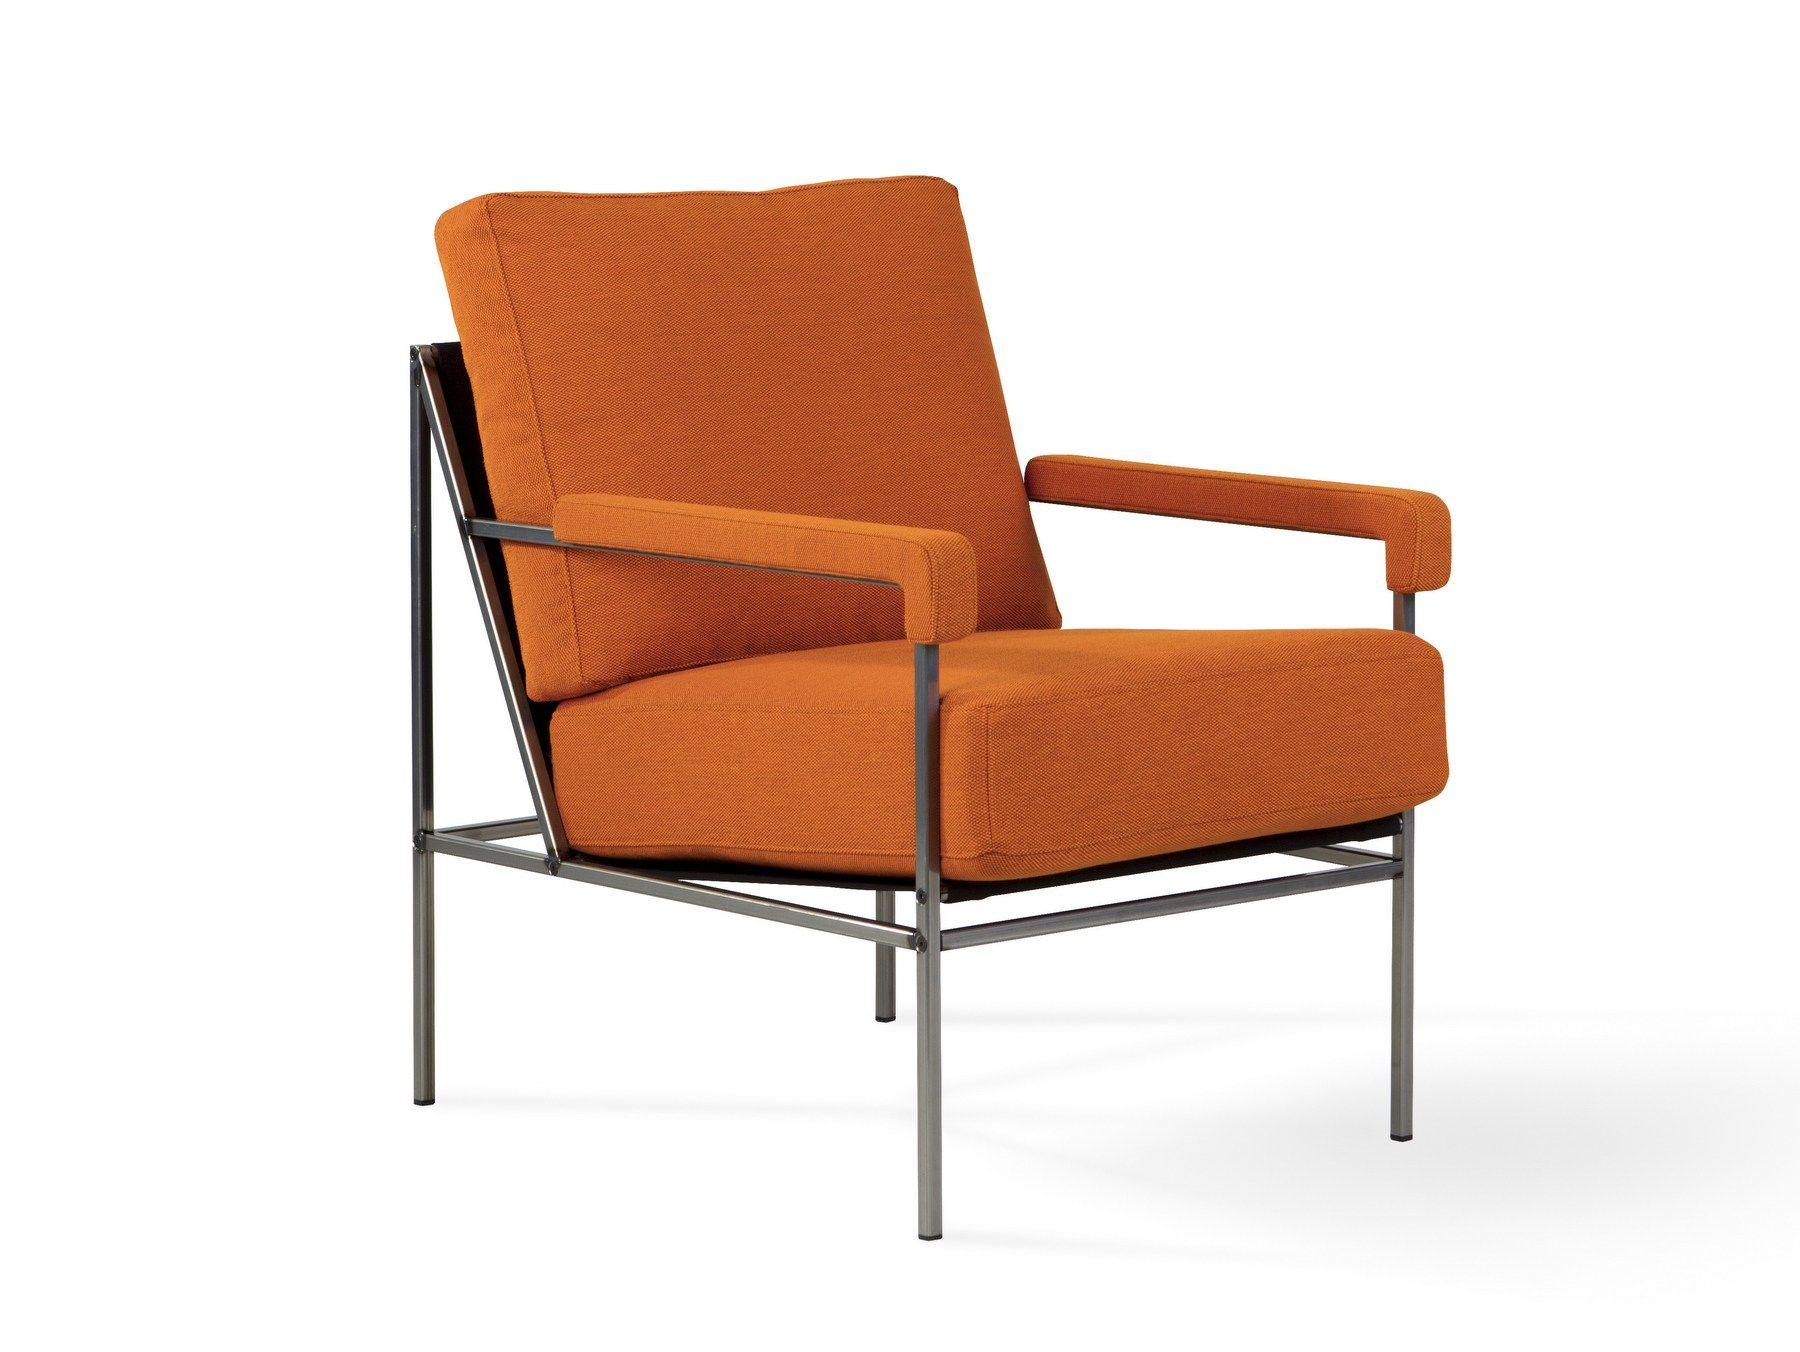 Fauteuil rembourré en tissu avec accoudoirs SEVENTY FIVE by Ihreborn design Jonas Ihreborn